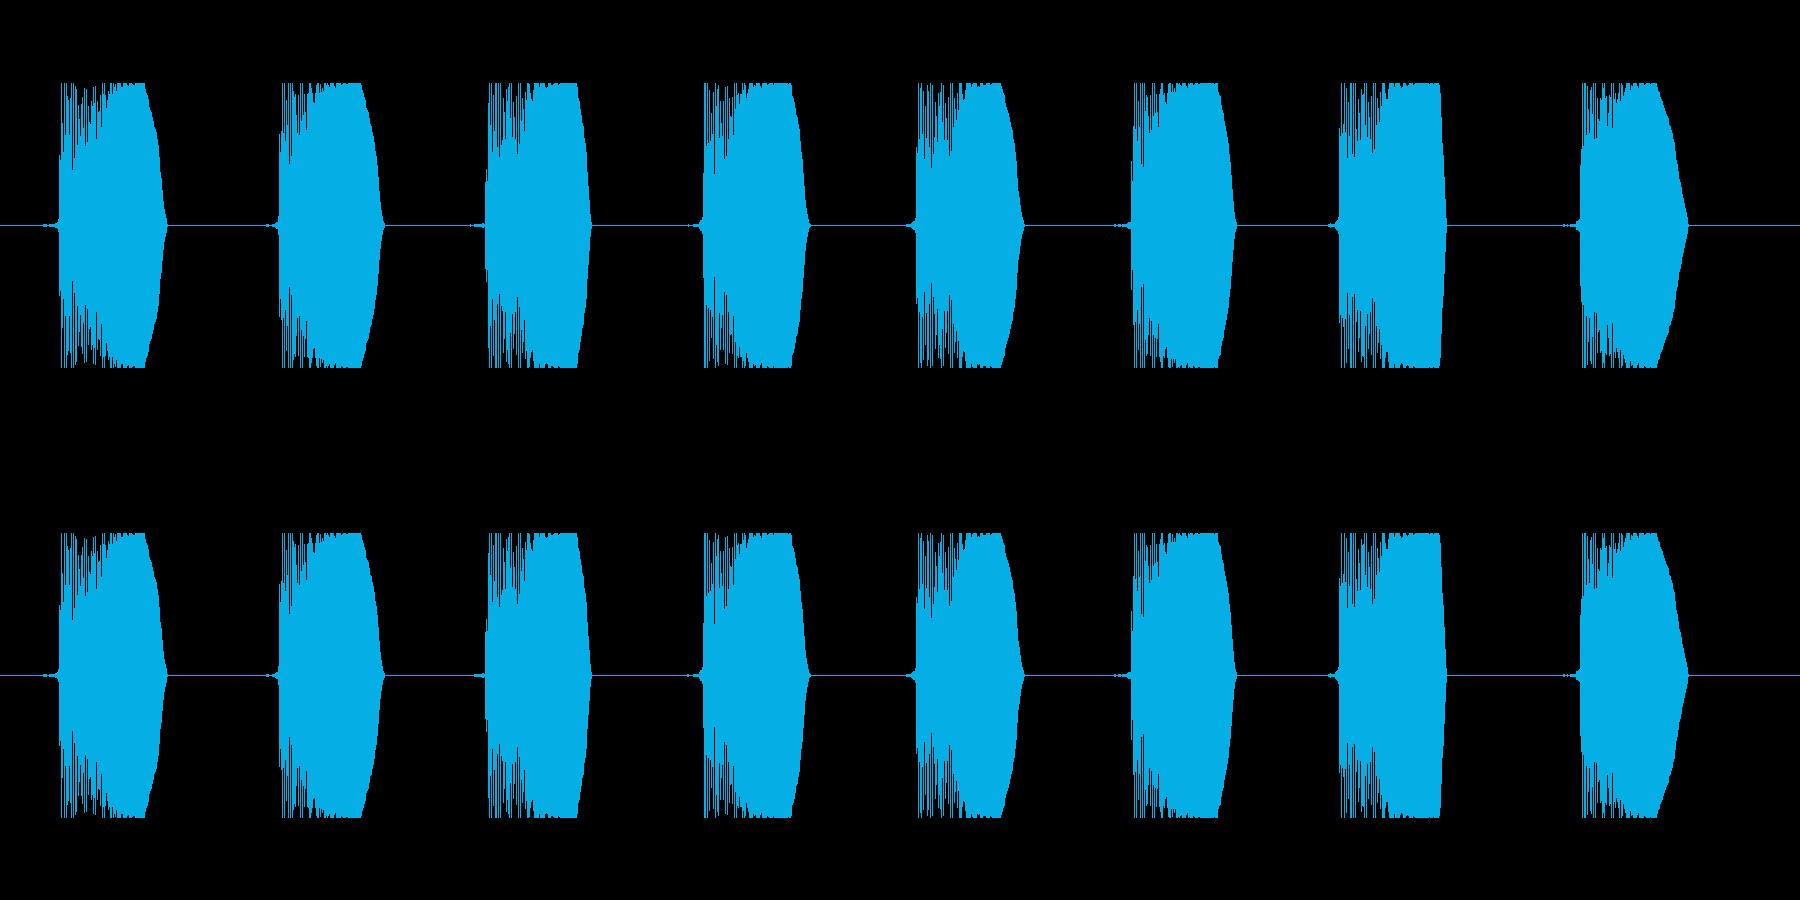 ビーム連射音 90b-2 コミカル 足音の再生済みの波形